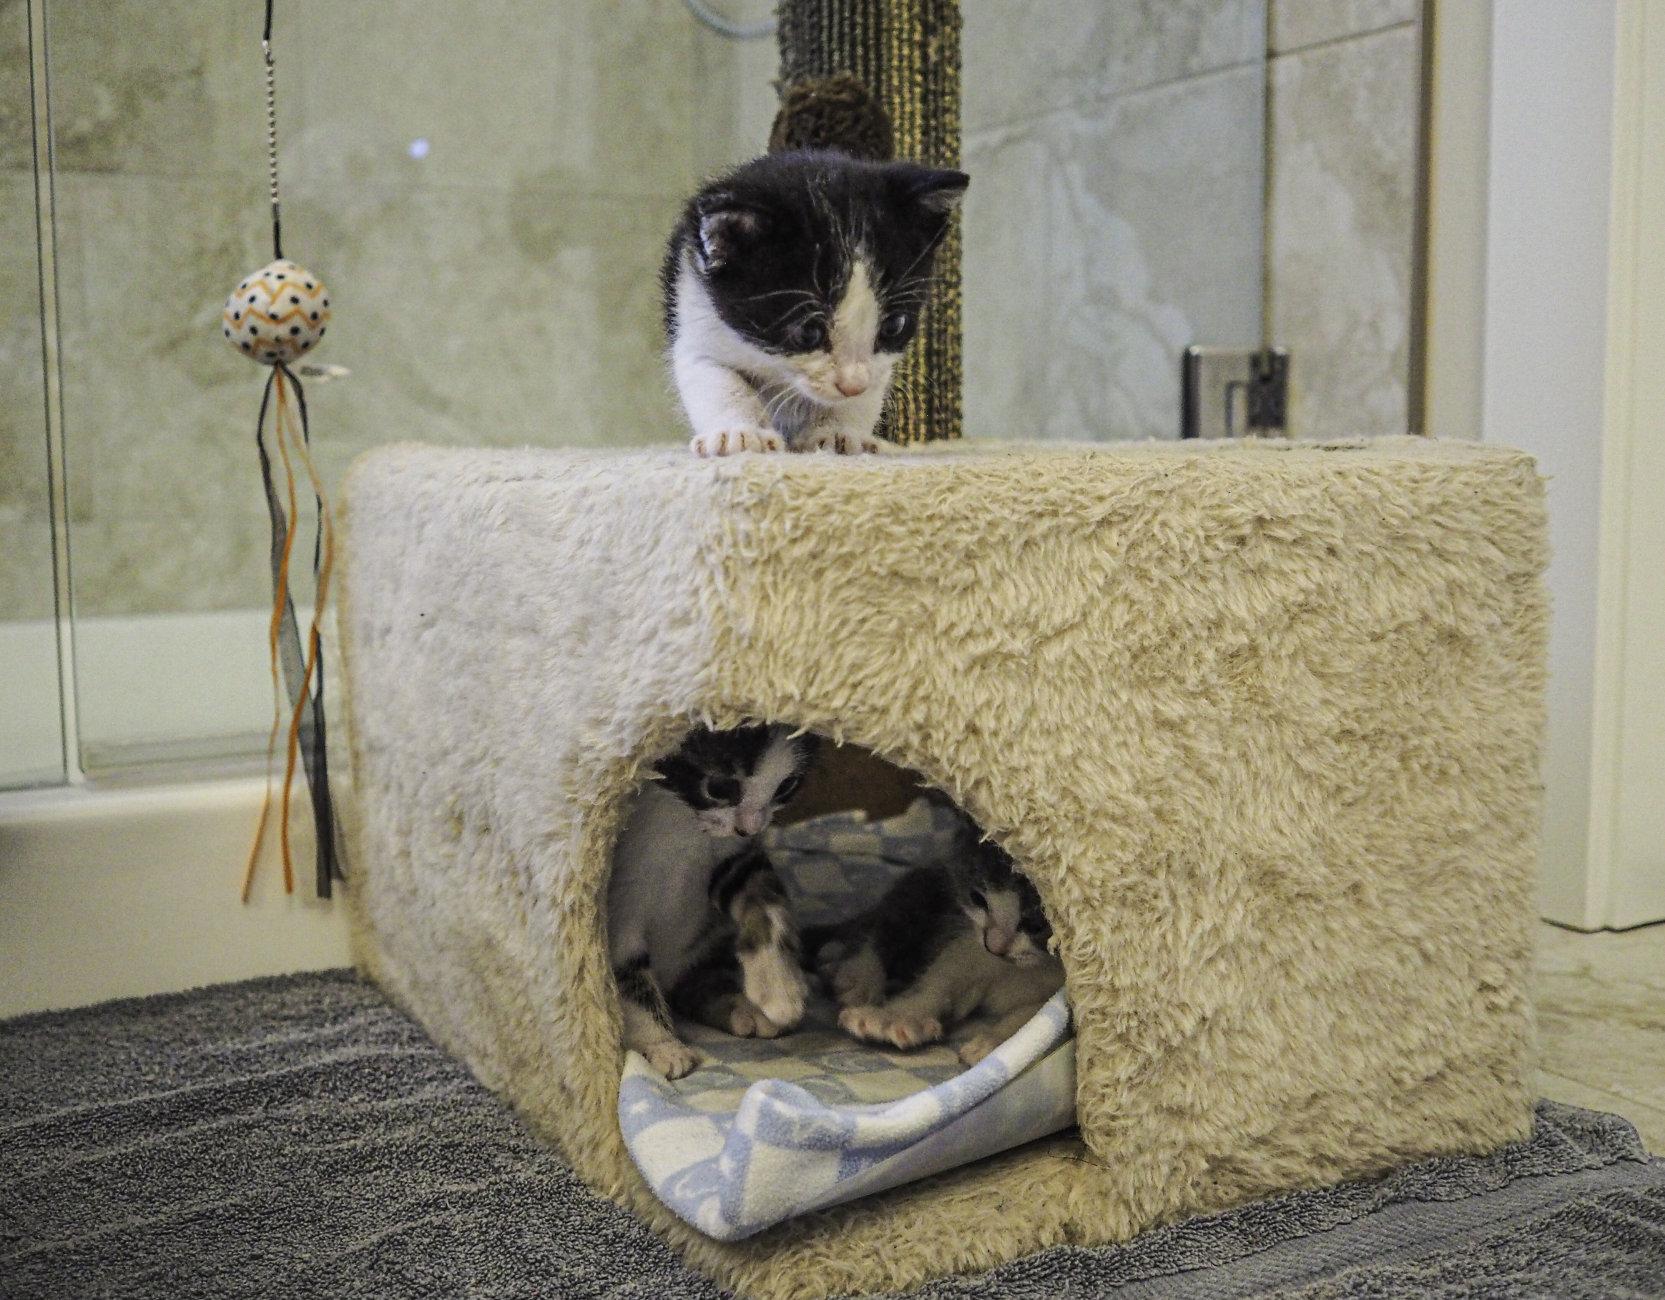 Thursday Play Kittens